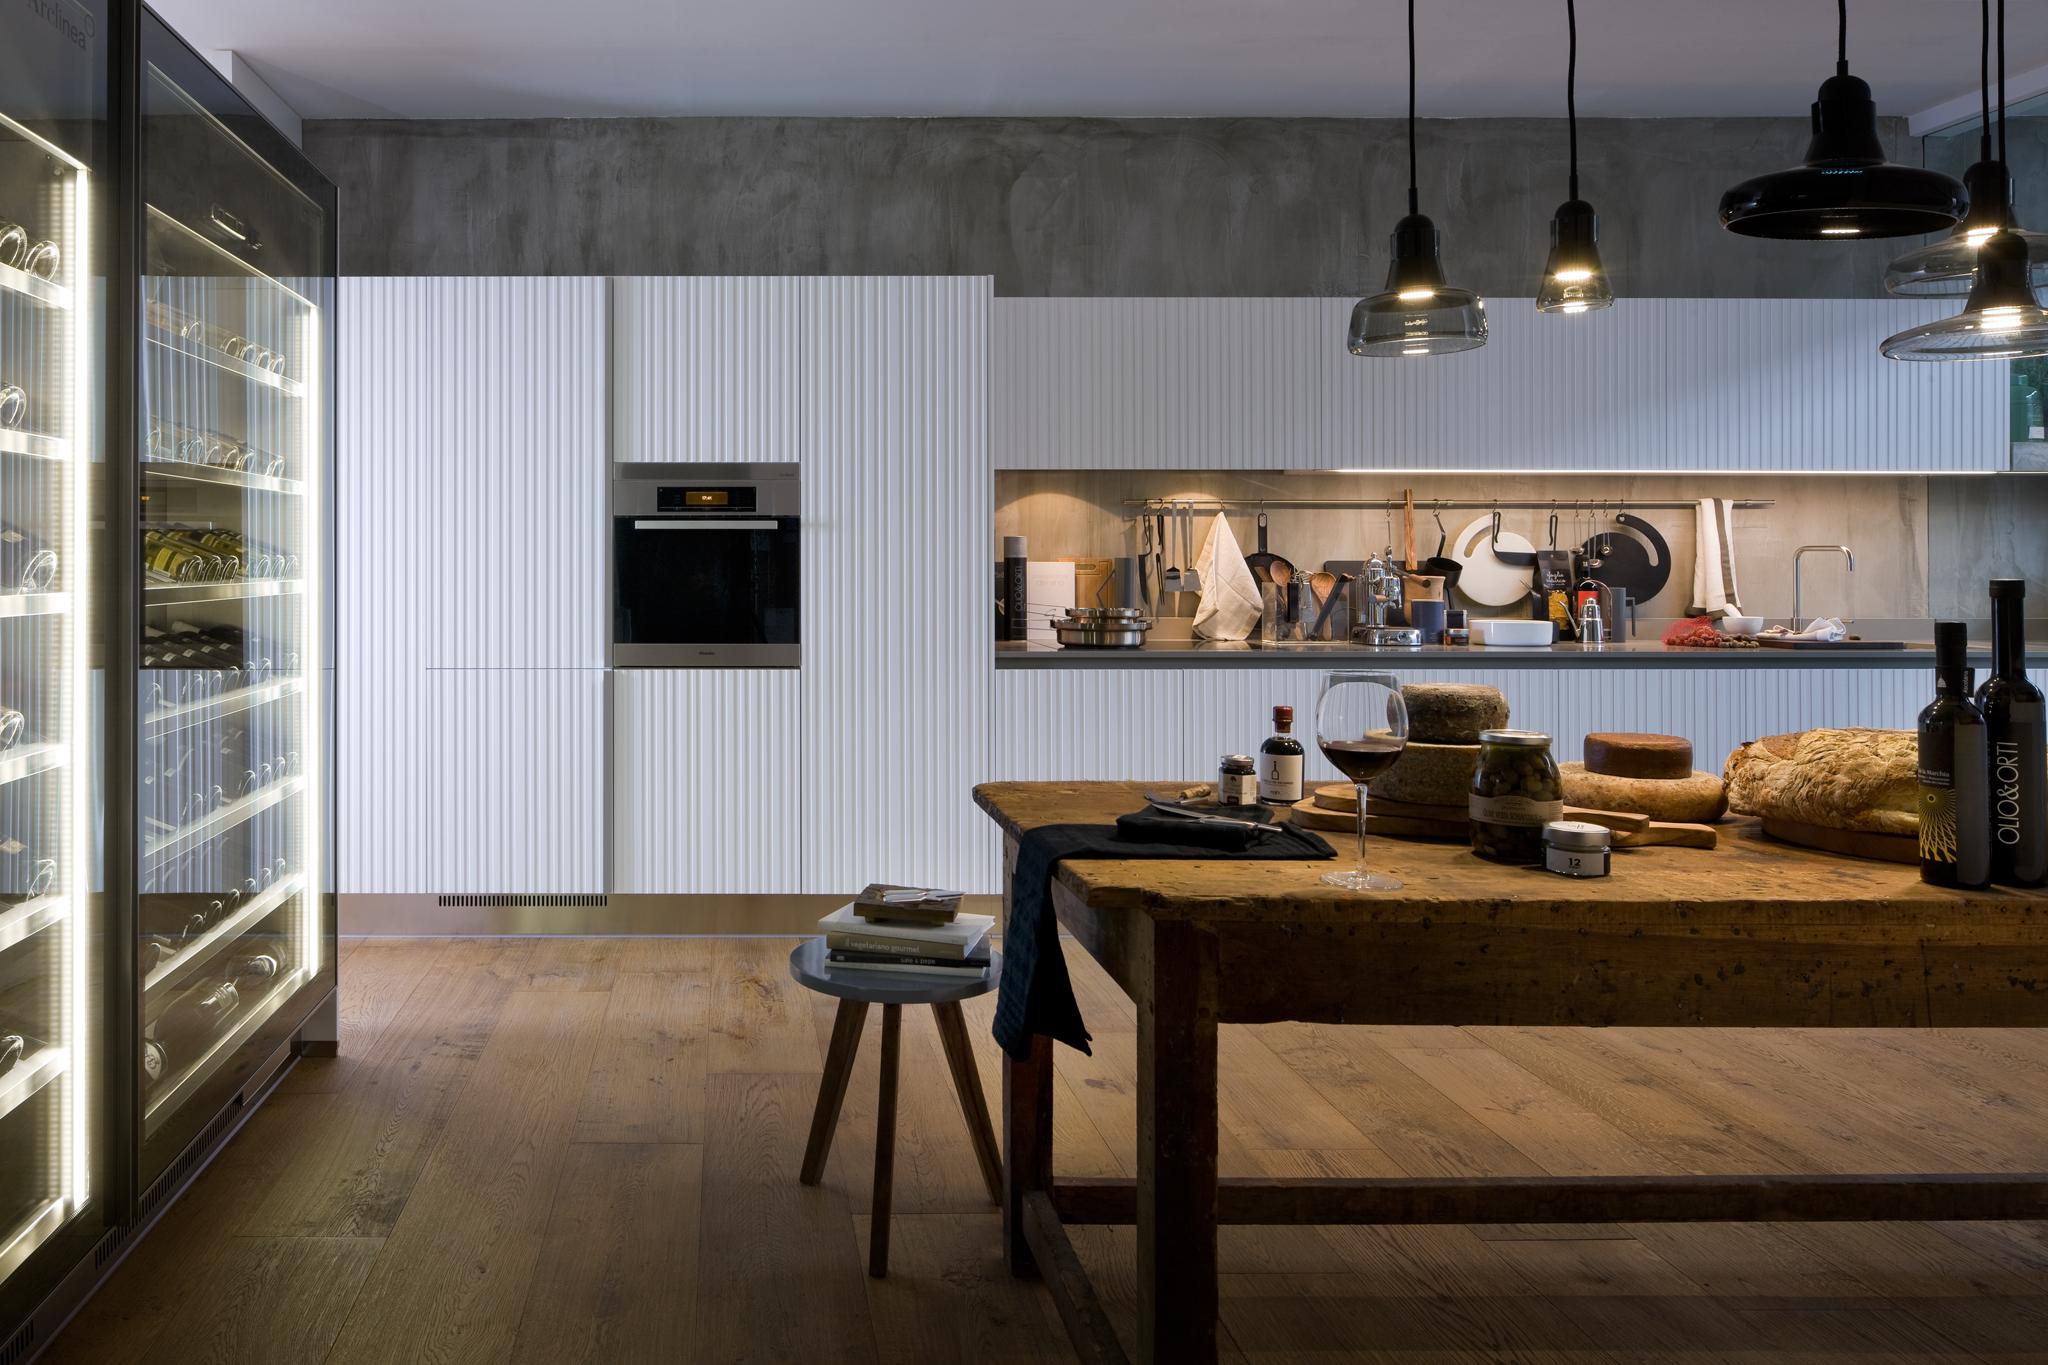 Best Cucine Arclinea Prezzi Images - Design & Ideas 2018 ...